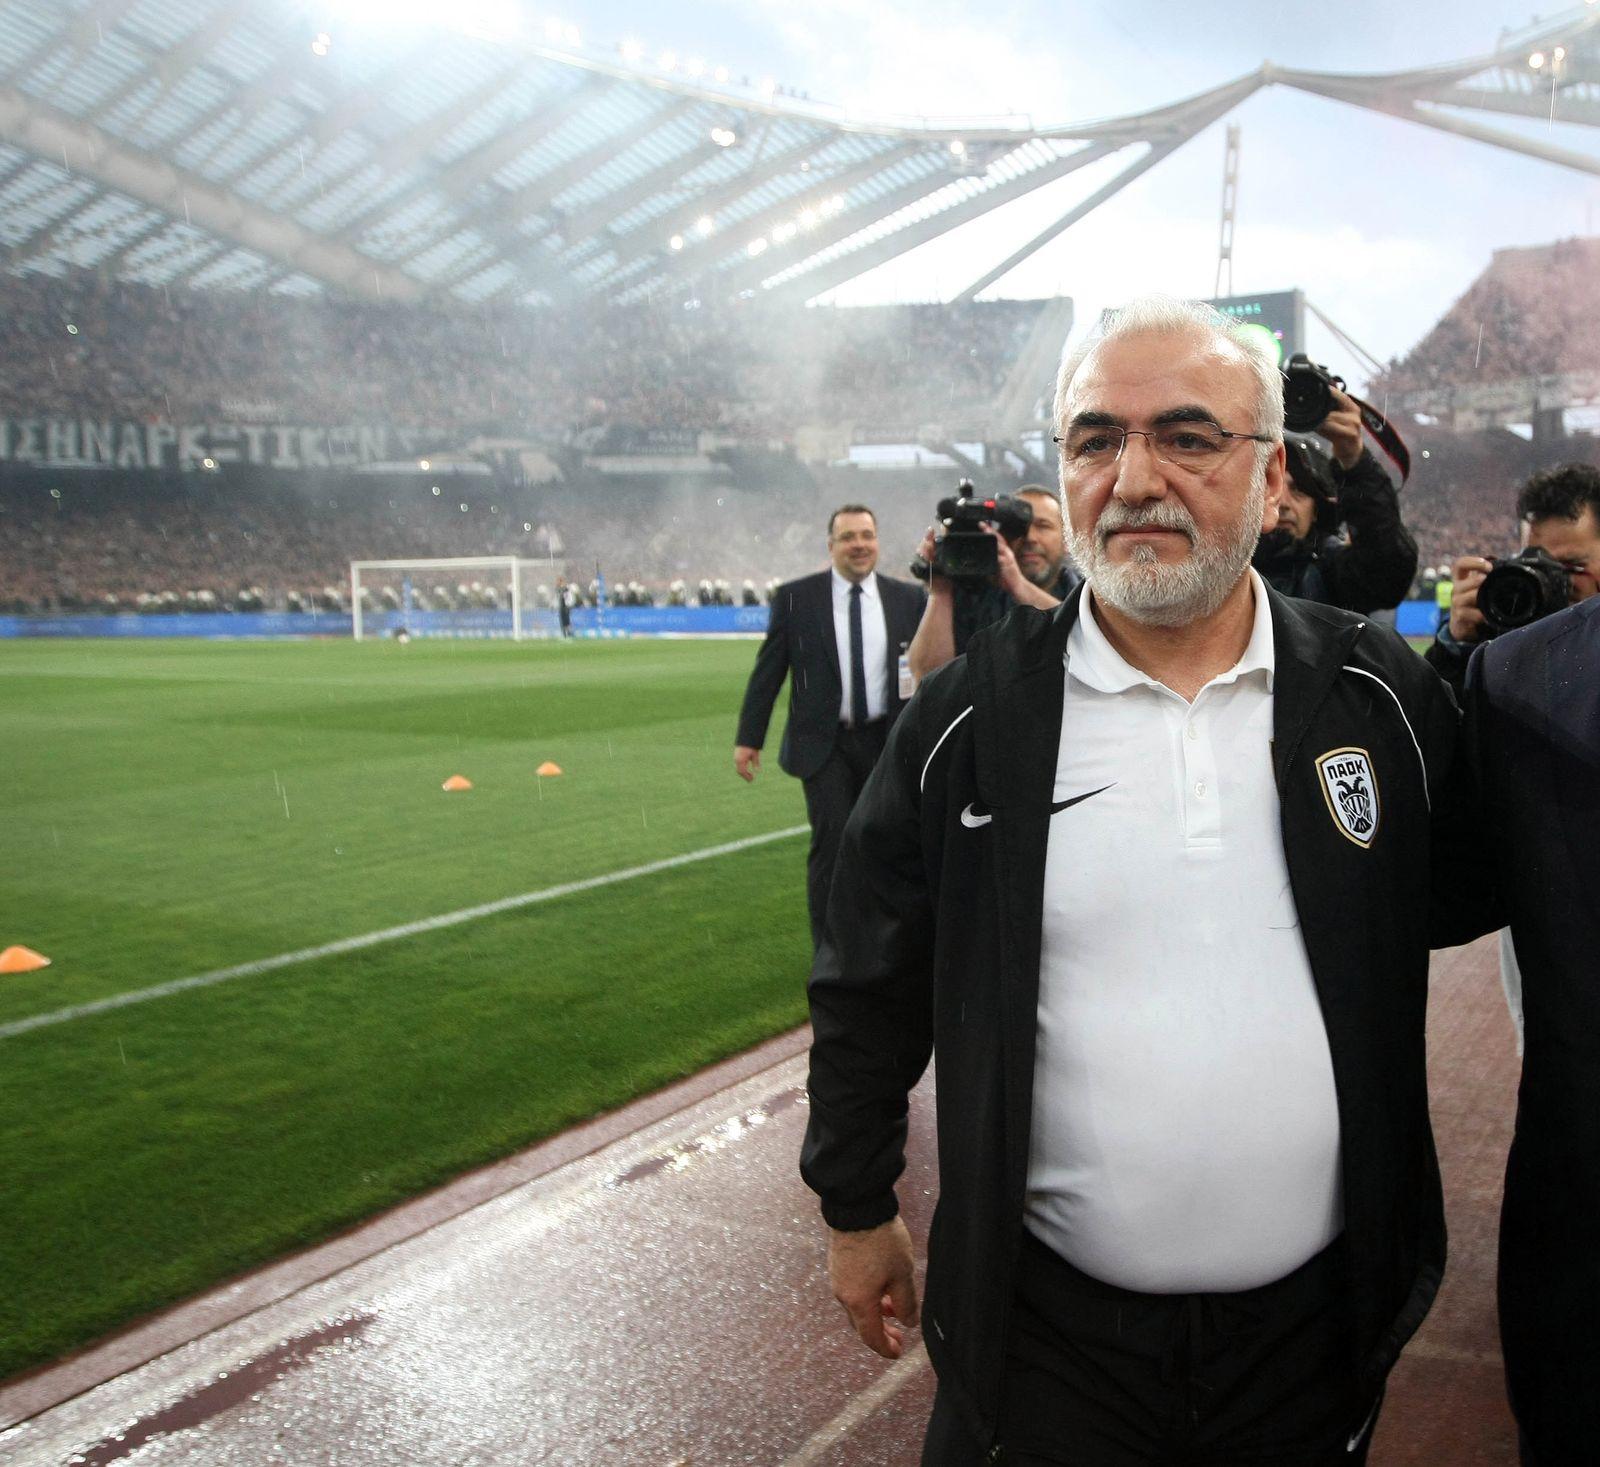 NICHT MEHR VERWENDEN! - Ivan Savvidis / Paok FC